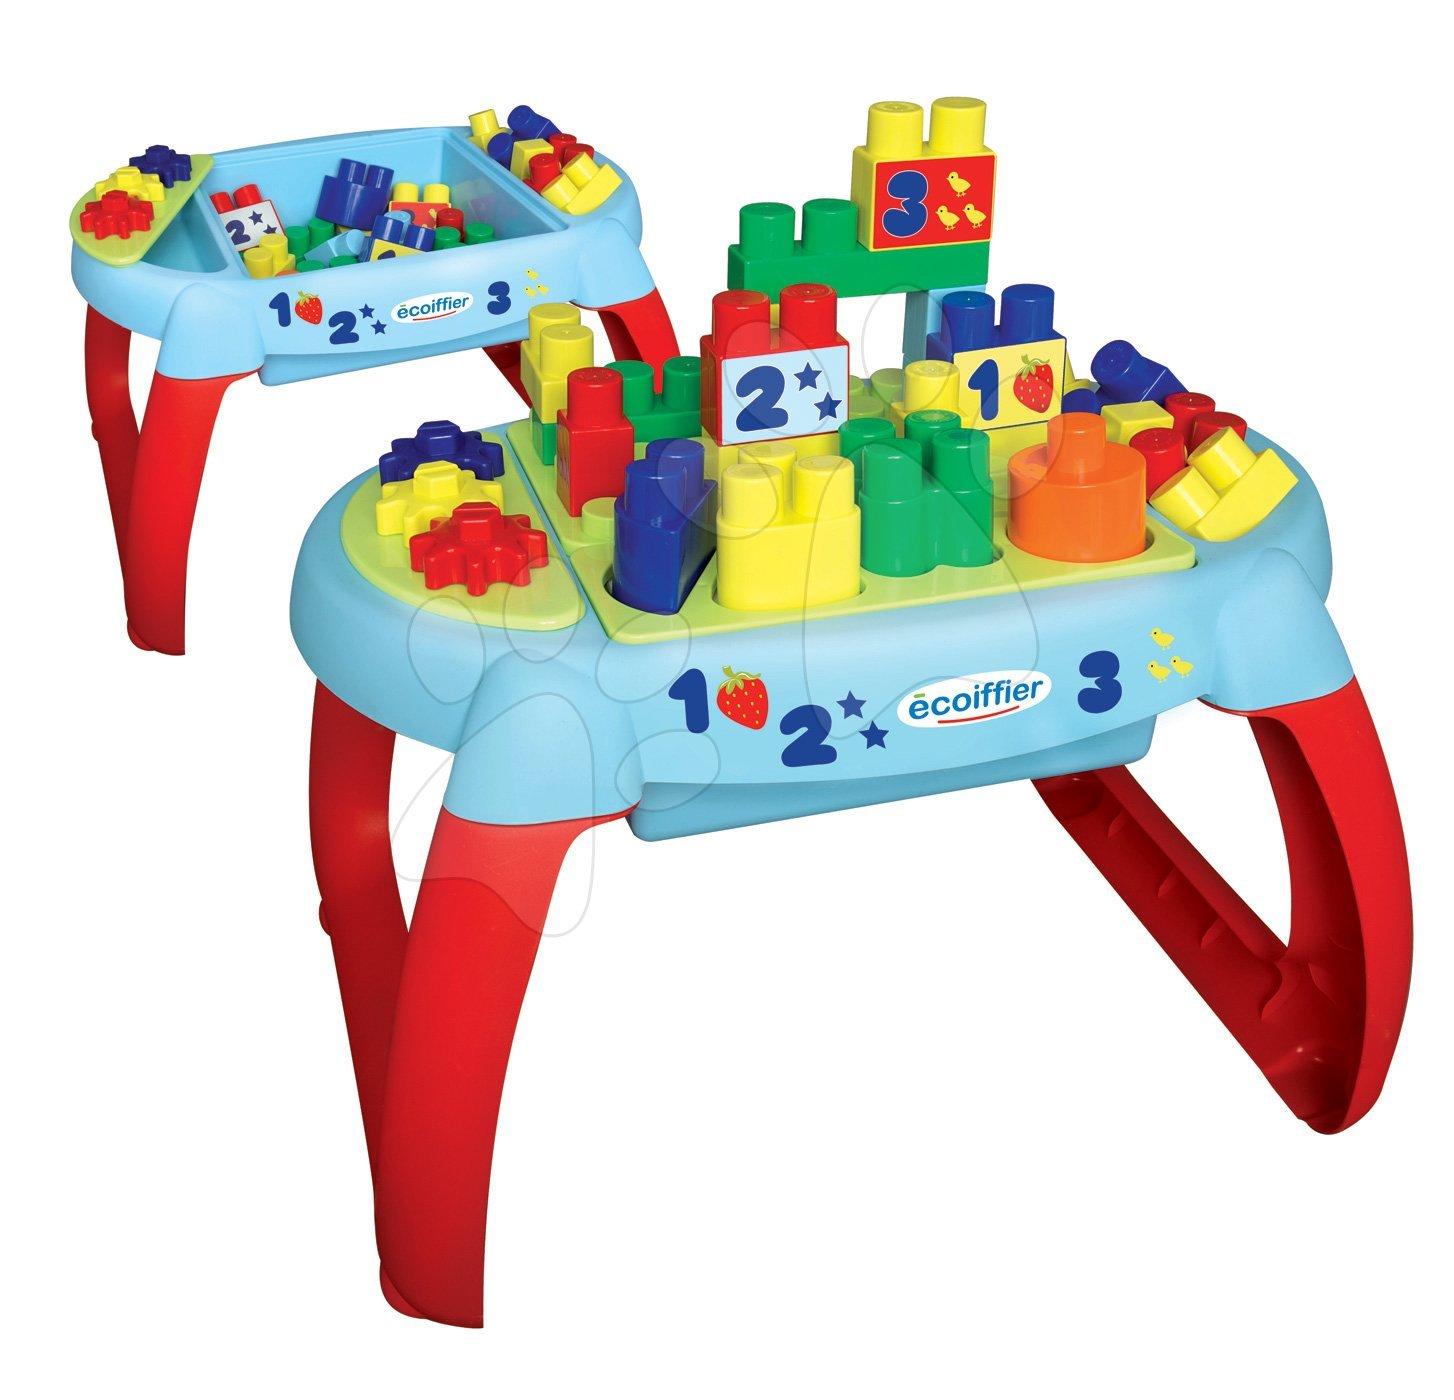 Écoiffier stavebnica pre bábätká Les Maxi stolík 32 kociek 7763